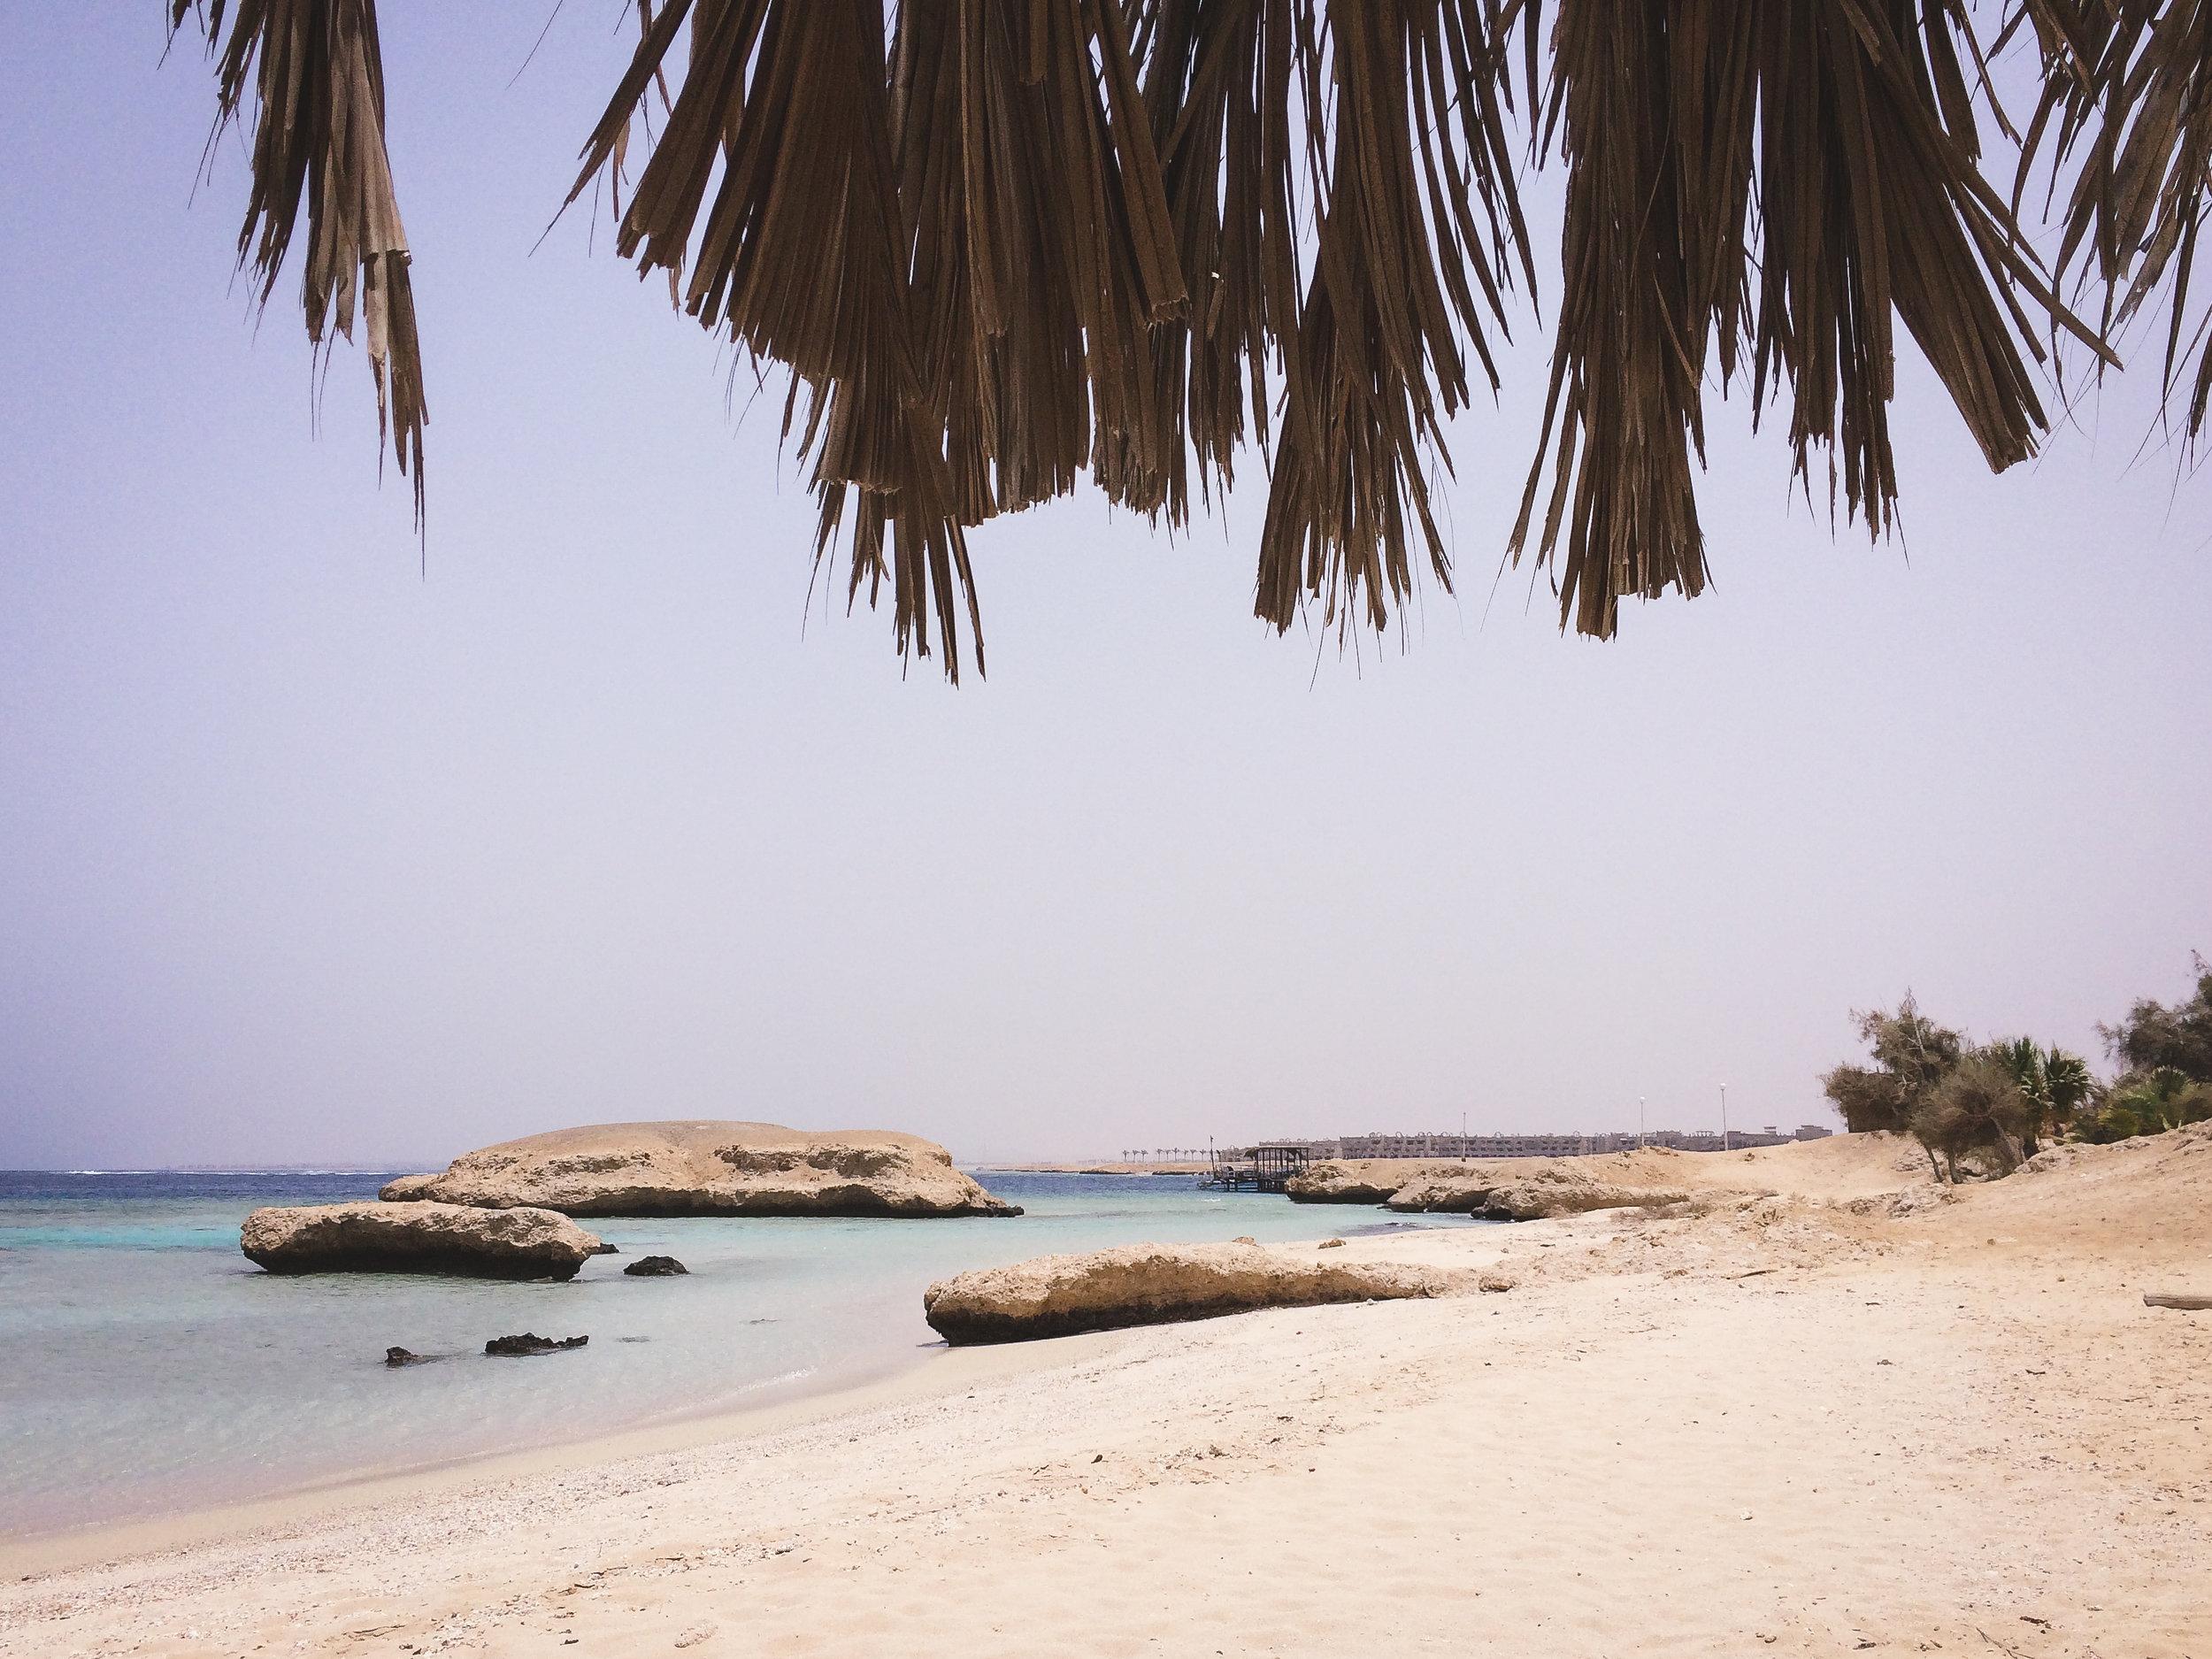 MangroveBay-Ägypten-20140606-02